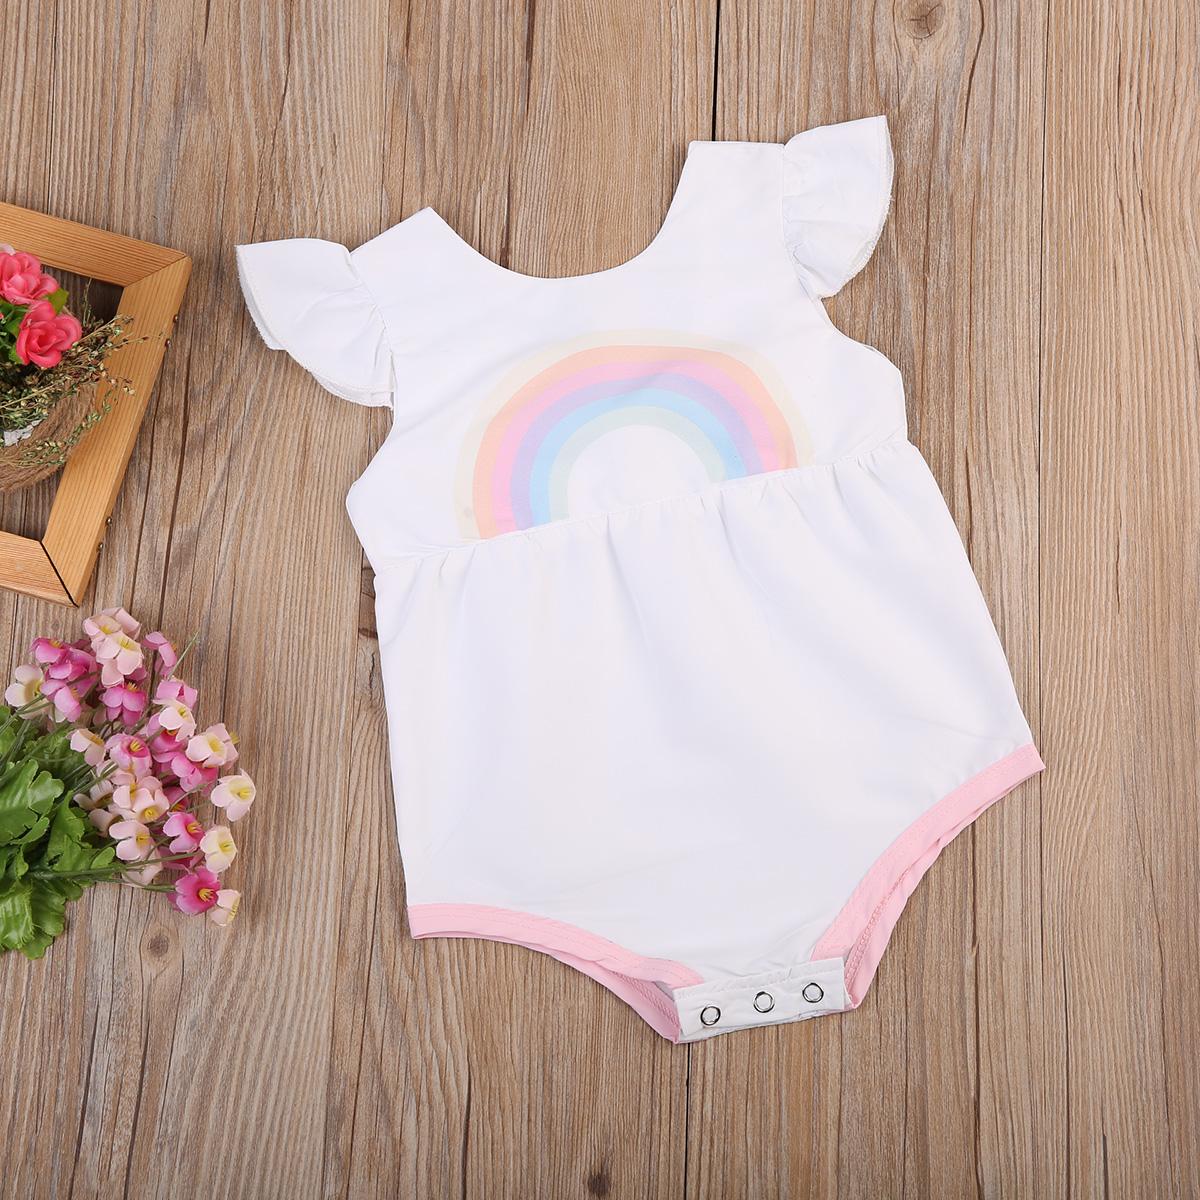 e1e2b459d cheaper b0408 be078 baby girl lace romper onesie on storenvy ...